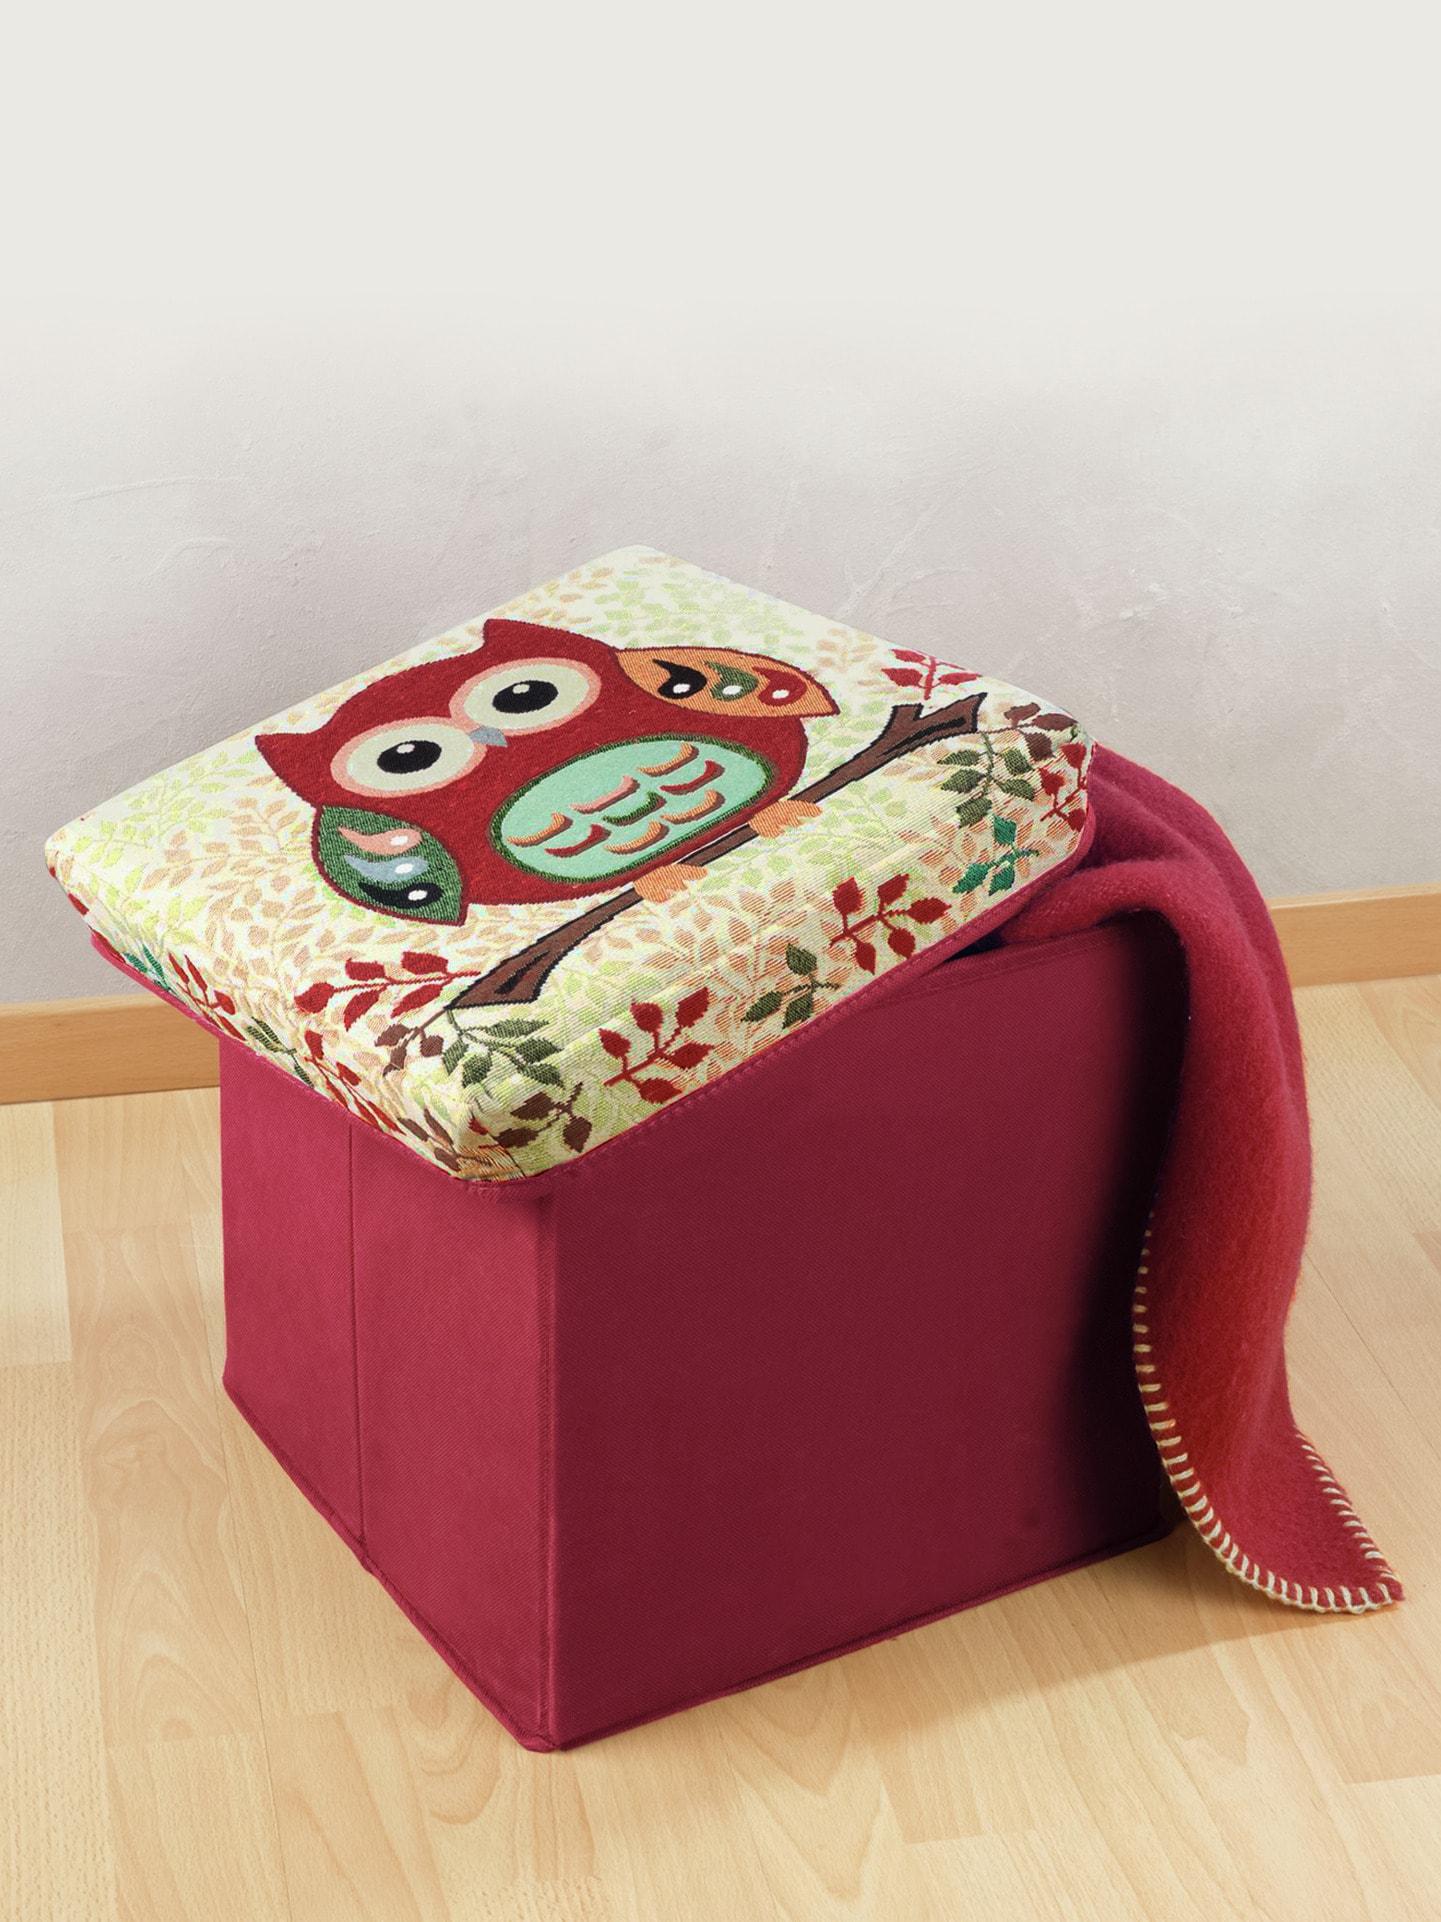 sitzhocker mit stauraum eule im online shop bequem kaufen avena. Black Bedroom Furniture Sets. Home Design Ideas